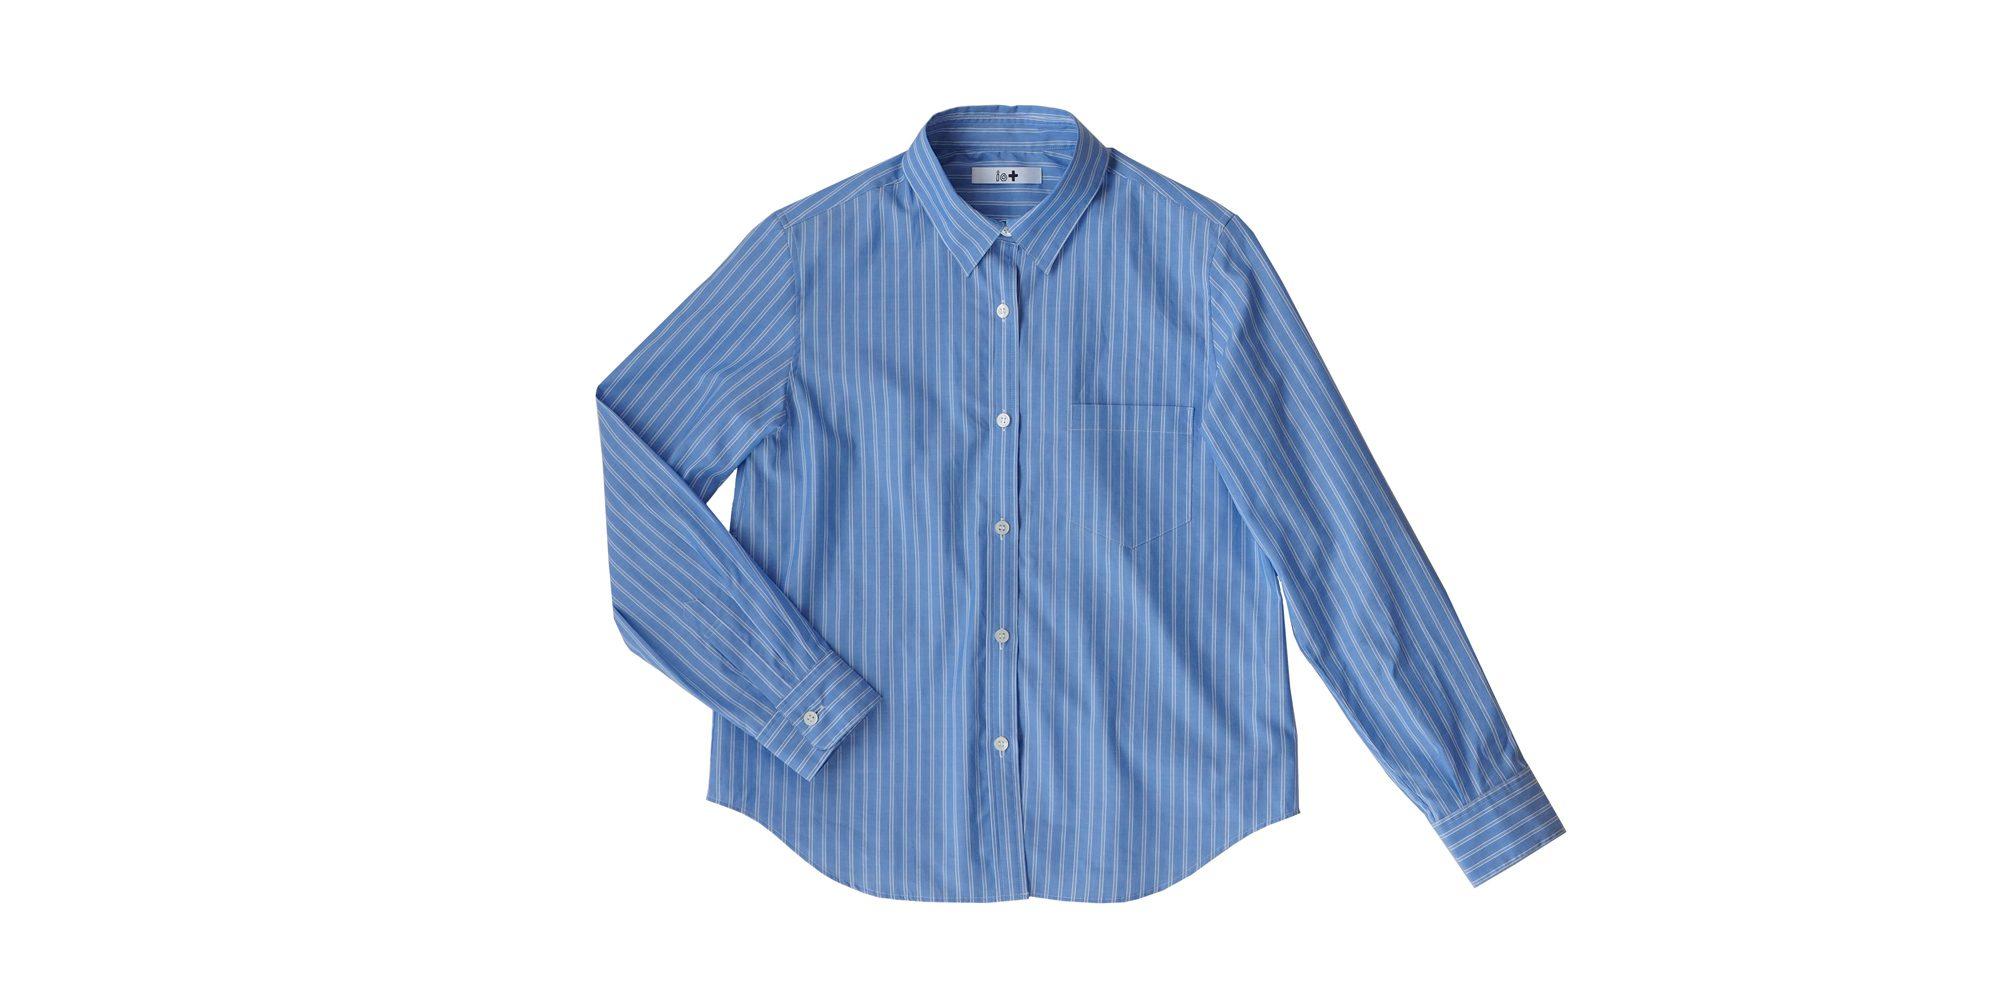 io+ストライプシャツ2